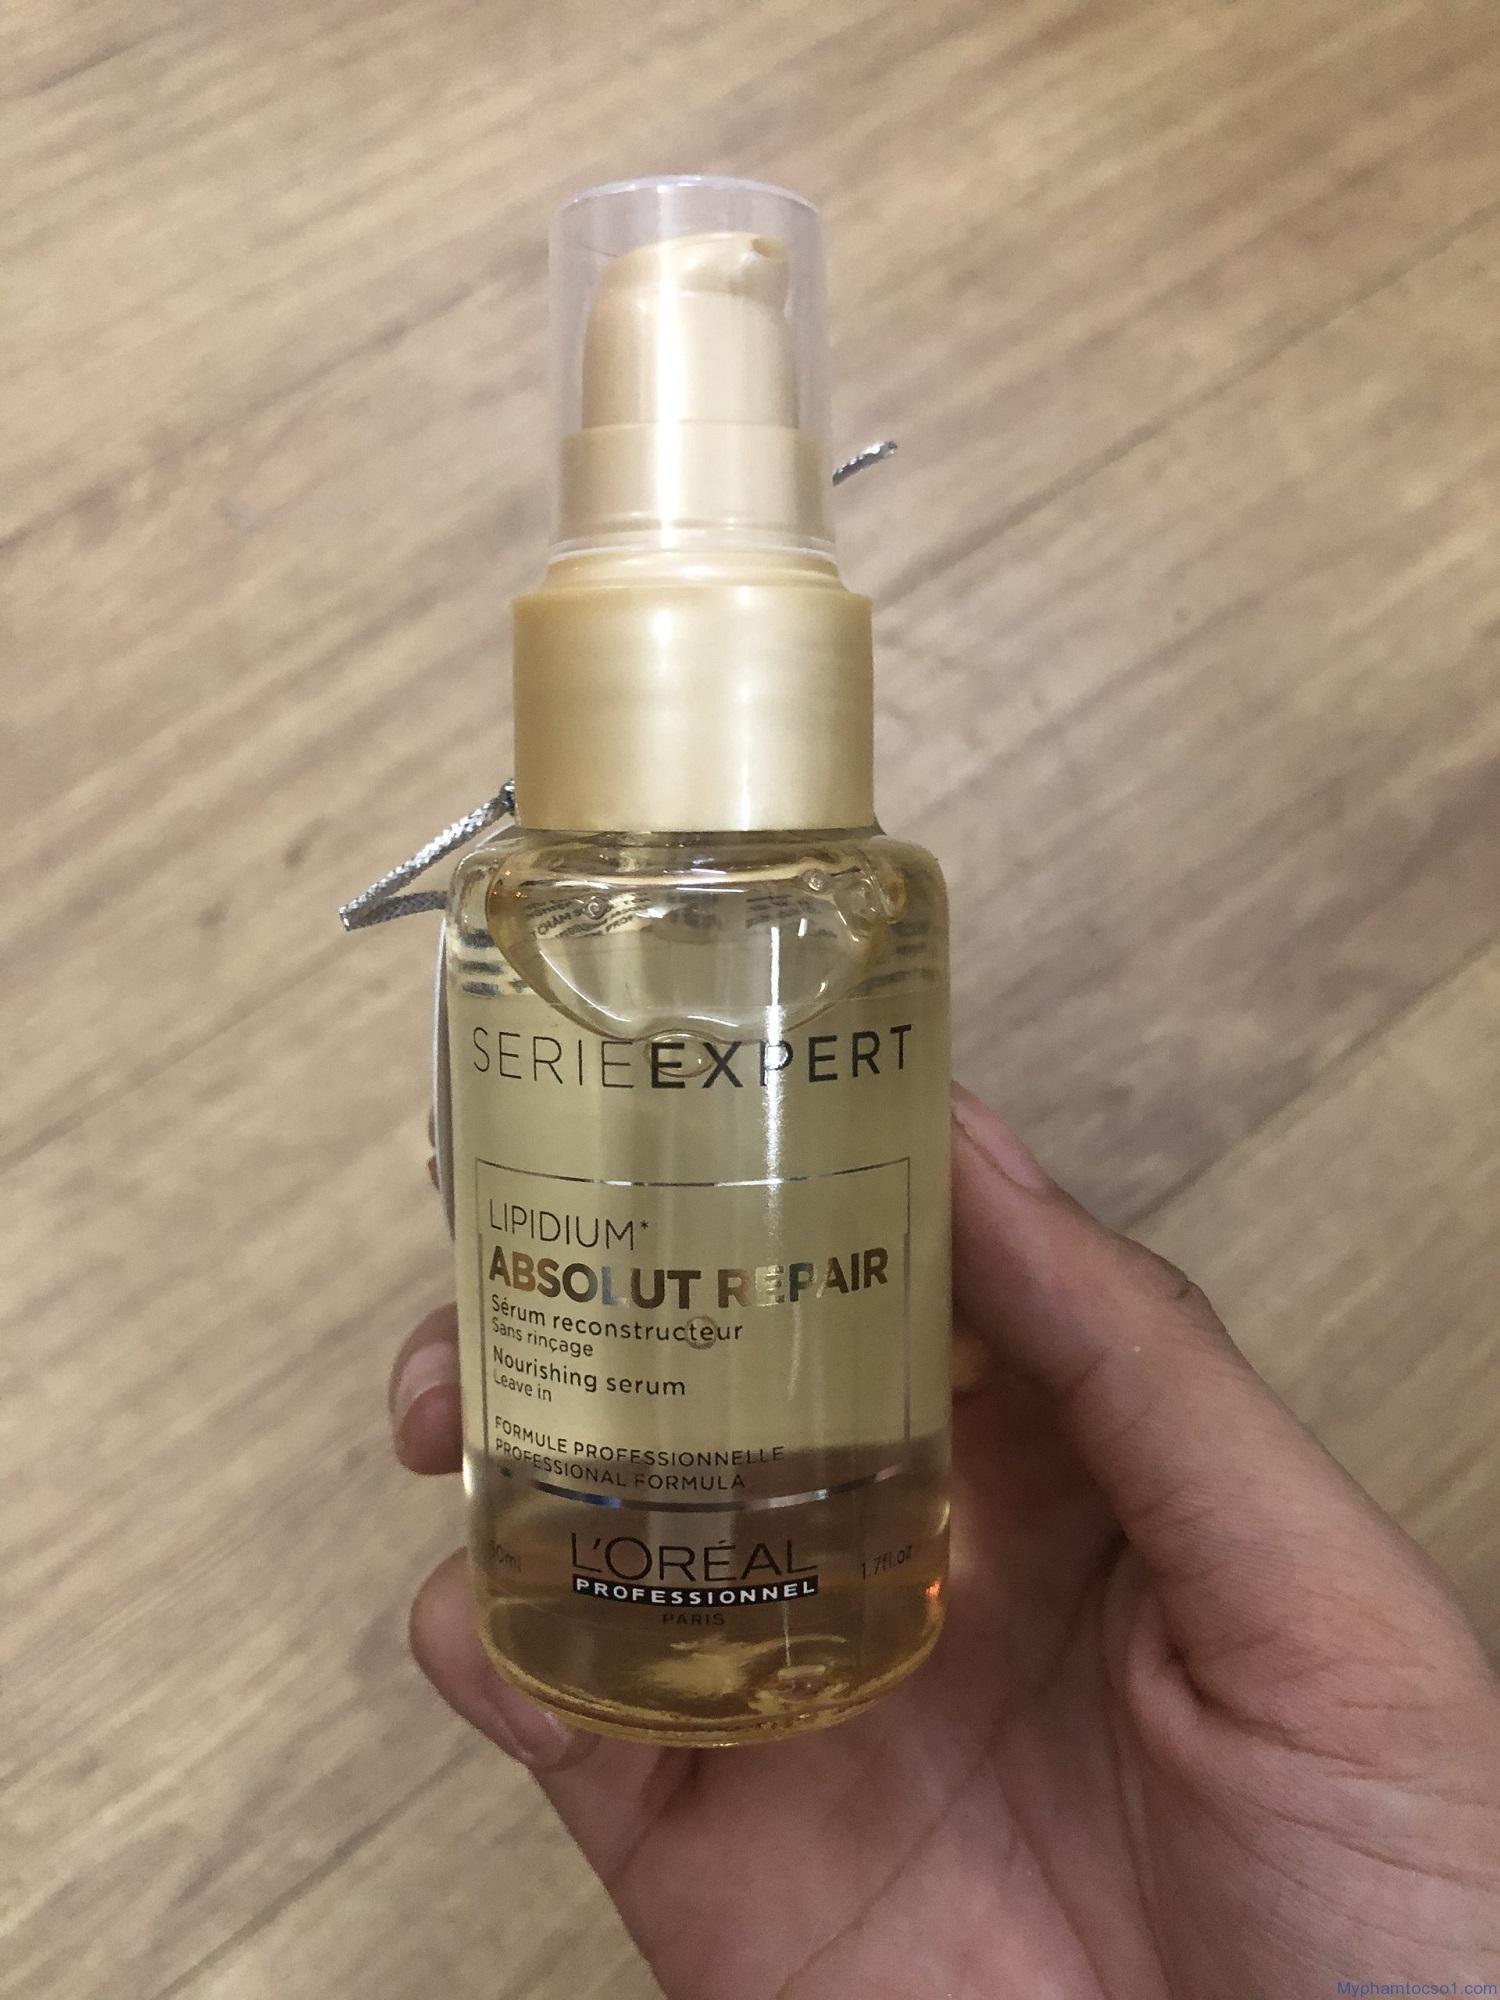 [HCM]Tinh dầu serum Loreal Absolut Repair Lipidium phục hồi tóc 3 tác động 50ml 1